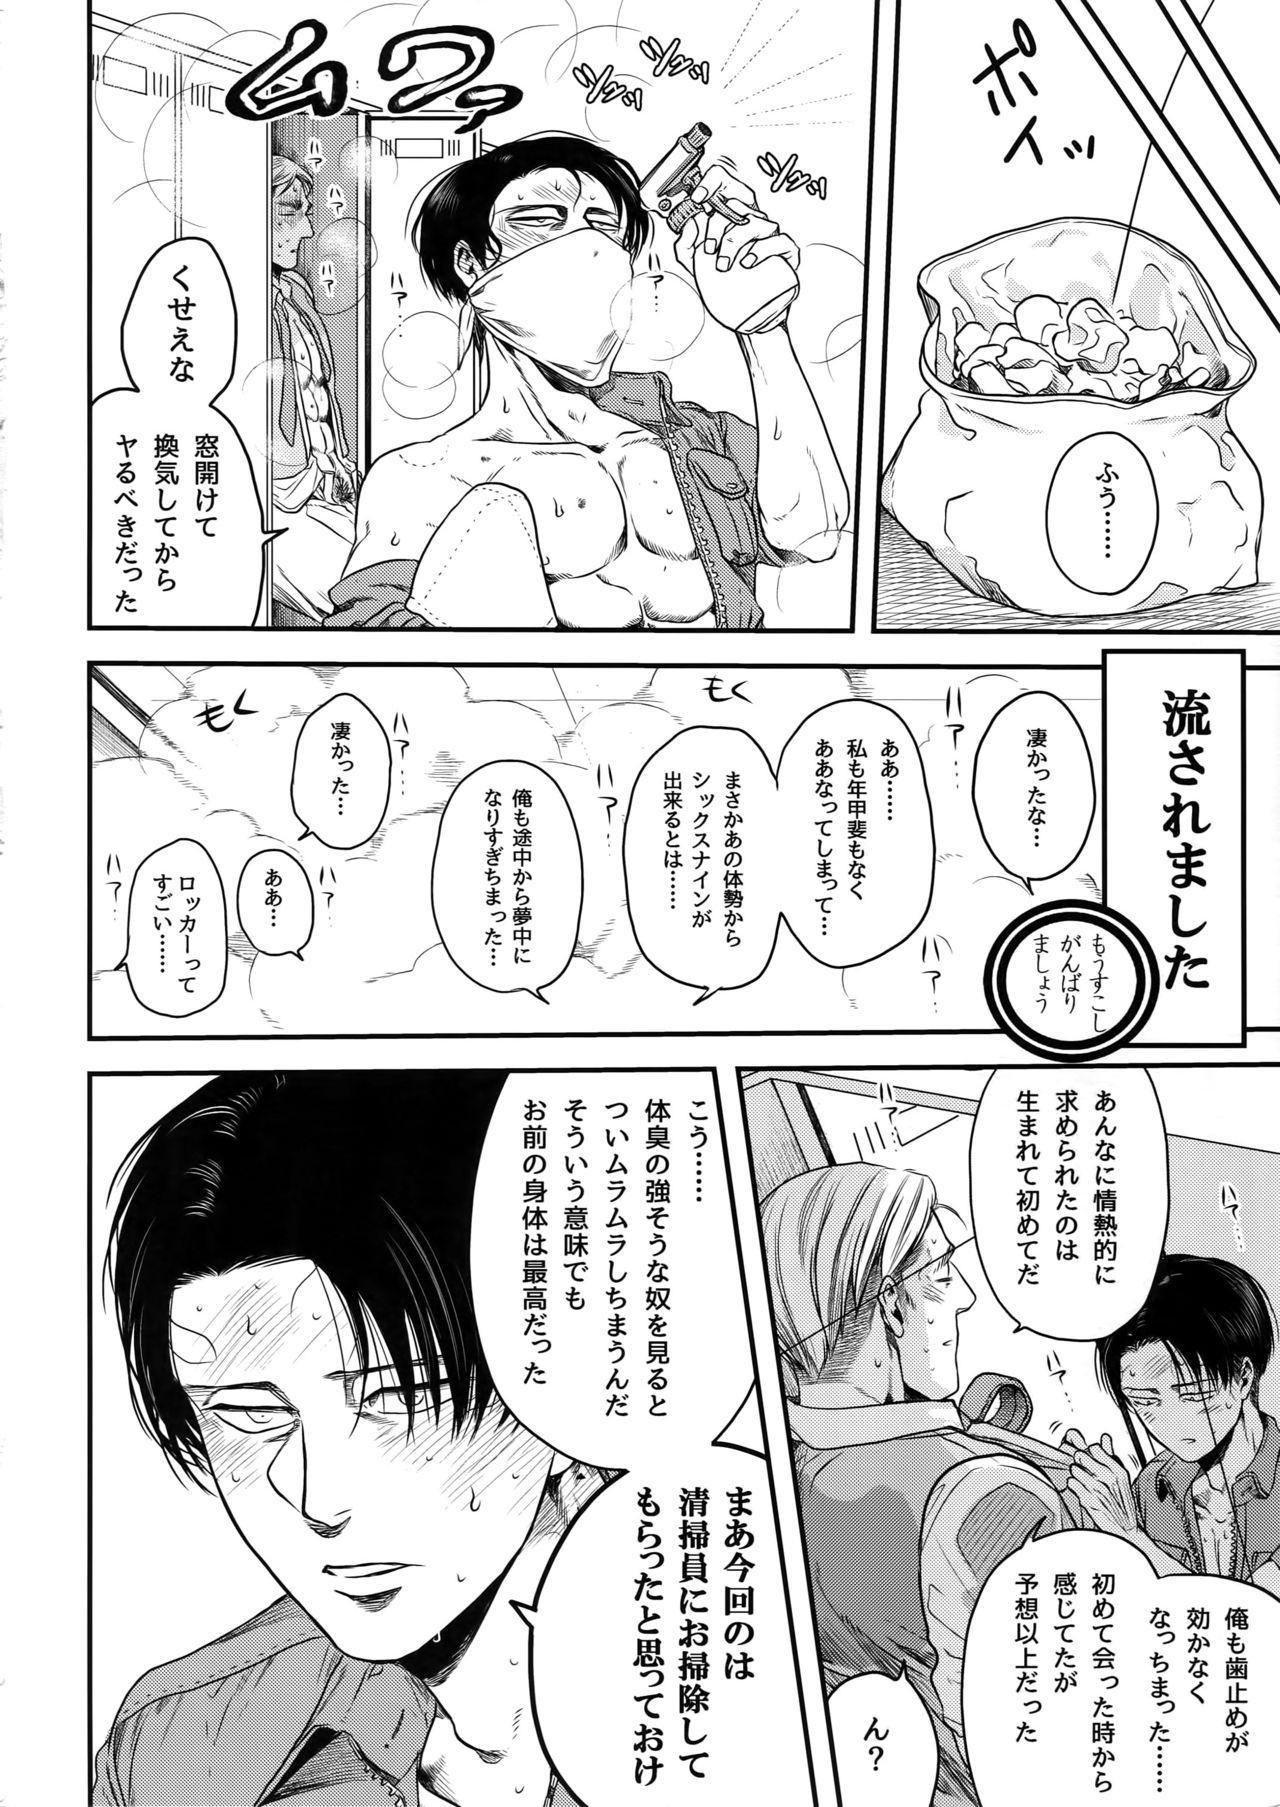 Rekishi Kyoushi to Seisouin 14